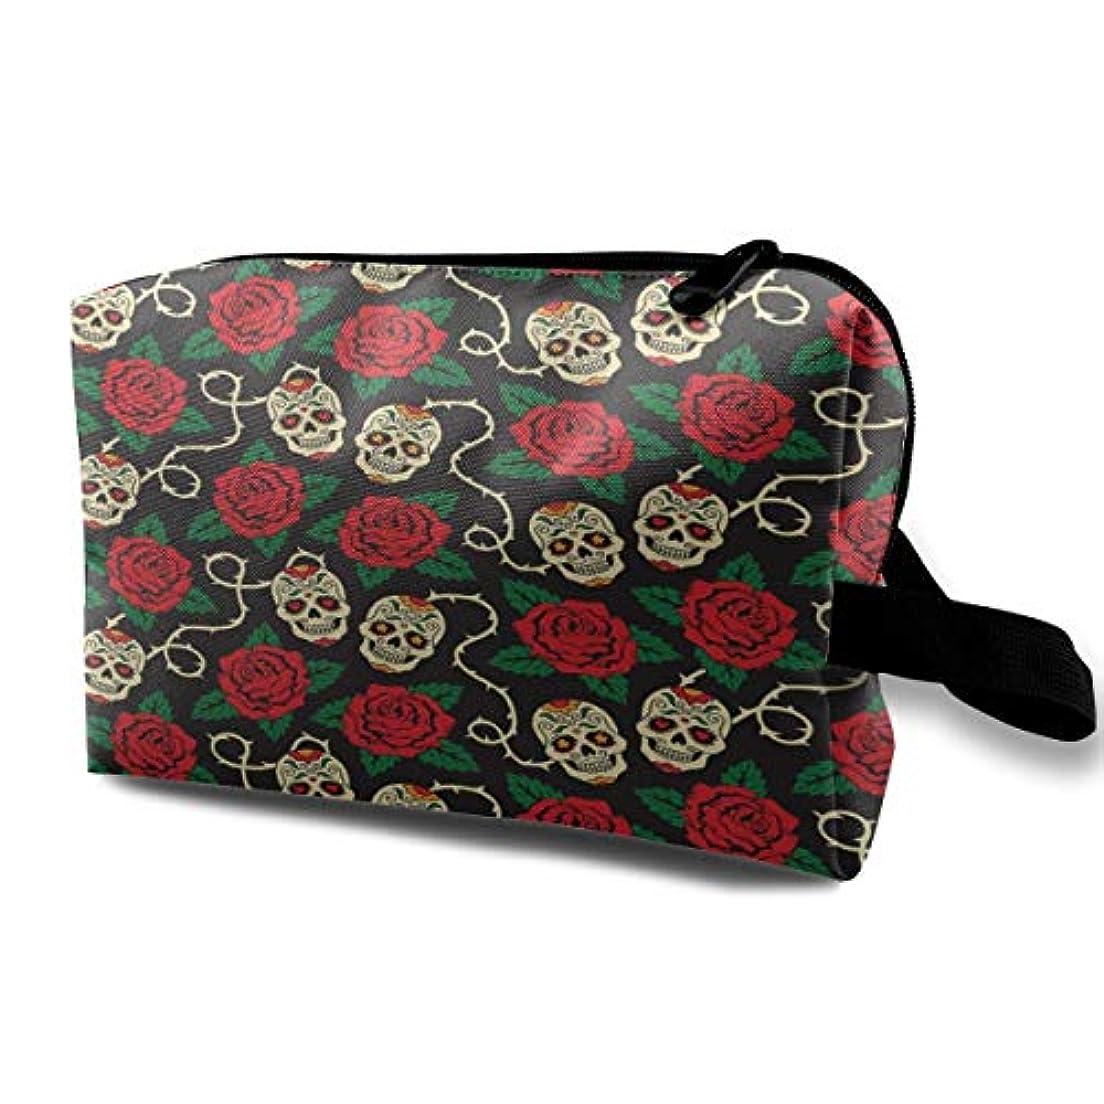 粒子磁器まばたきAmazing Rose Skull 収納ポーチ 化粧ポーチ 大容量 軽量 耐久性 ハンドル付持ち運び便利。入れ 自宅?出張?旅行?アウトドア撮影などに対応。メンズ レディース トラベルグッズ